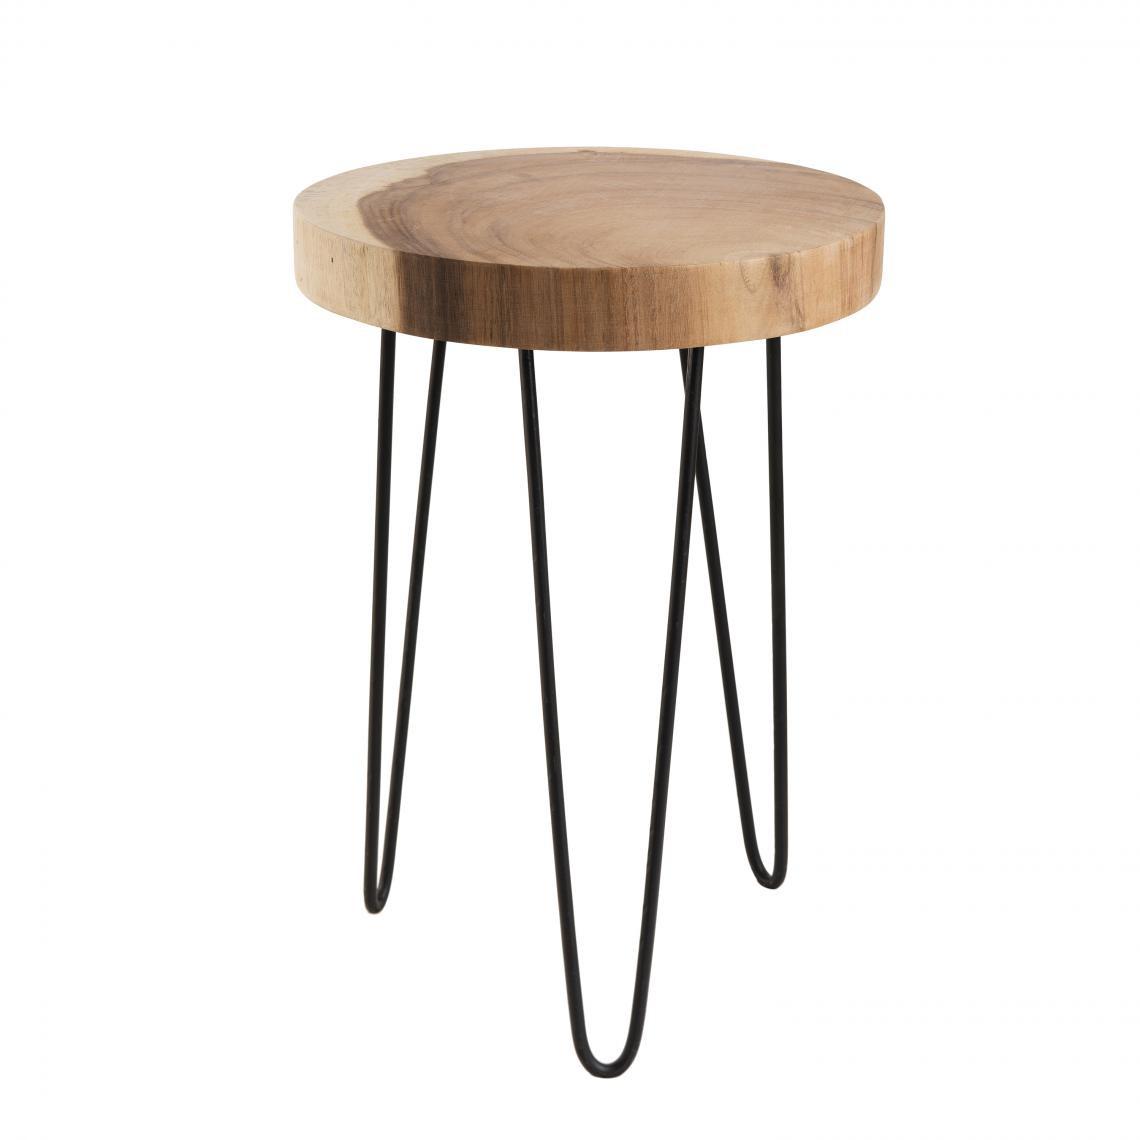 petite table d appoint ronde bois nature mungur pieds epingles scandi metal clea